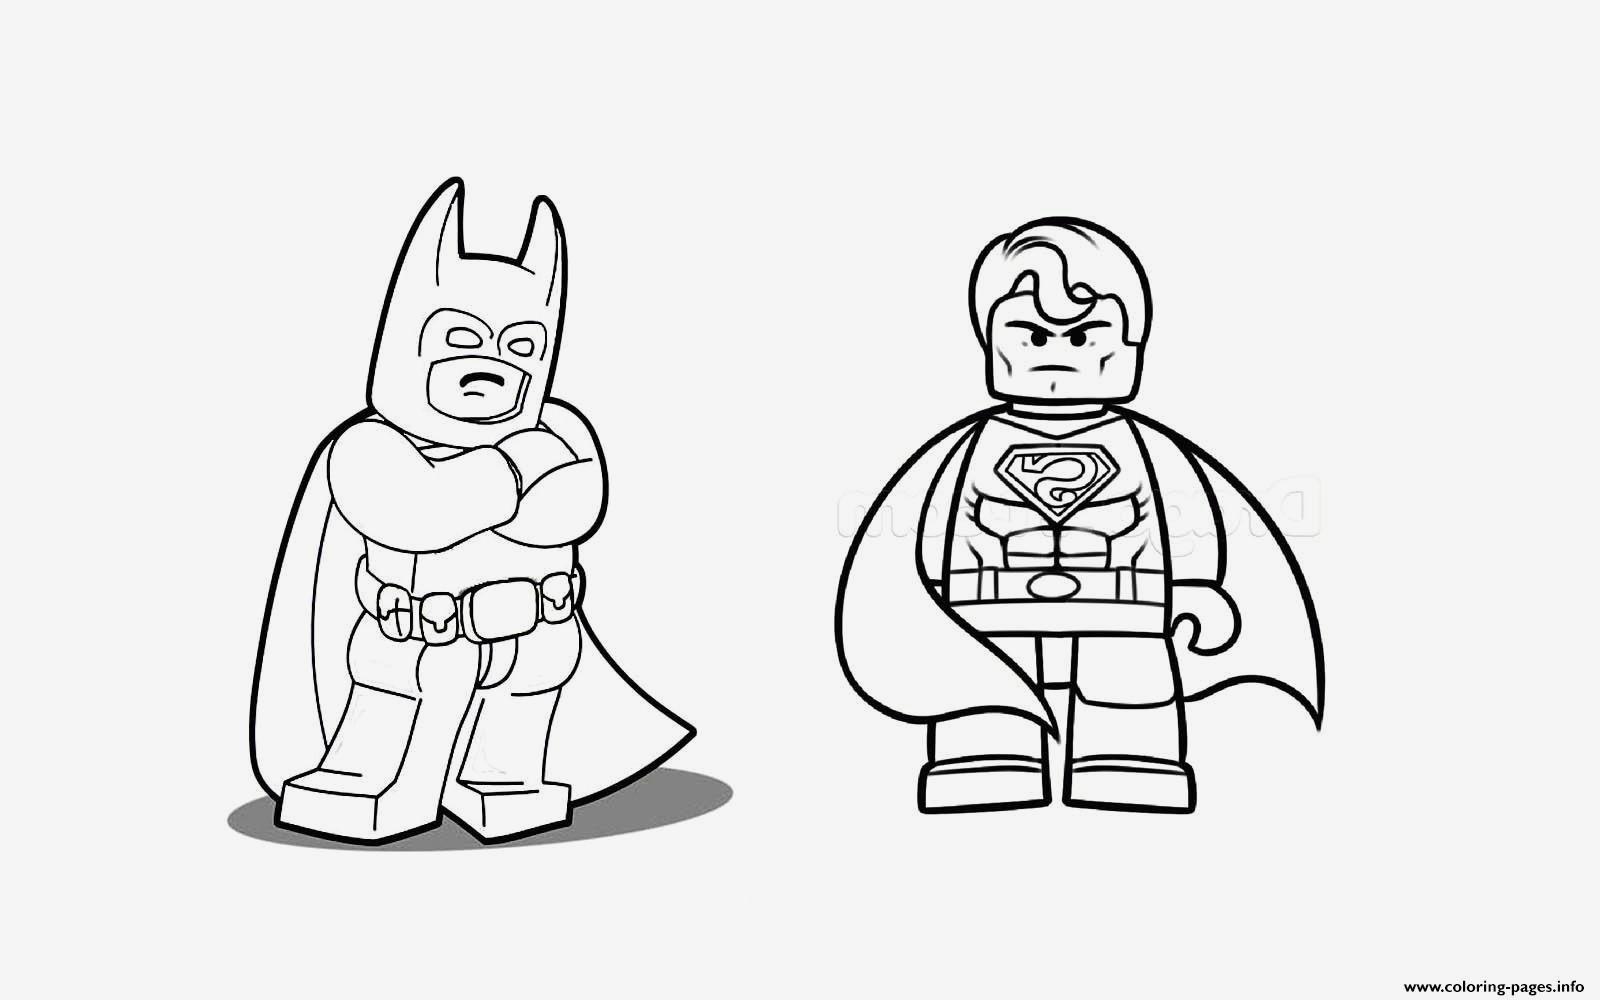 Ausmalbilder Lego Batman Das Beste Von Lego Batman Ausmalbilder Verschiedene Bilder Färben 13 Awesome Lego Fotografieren